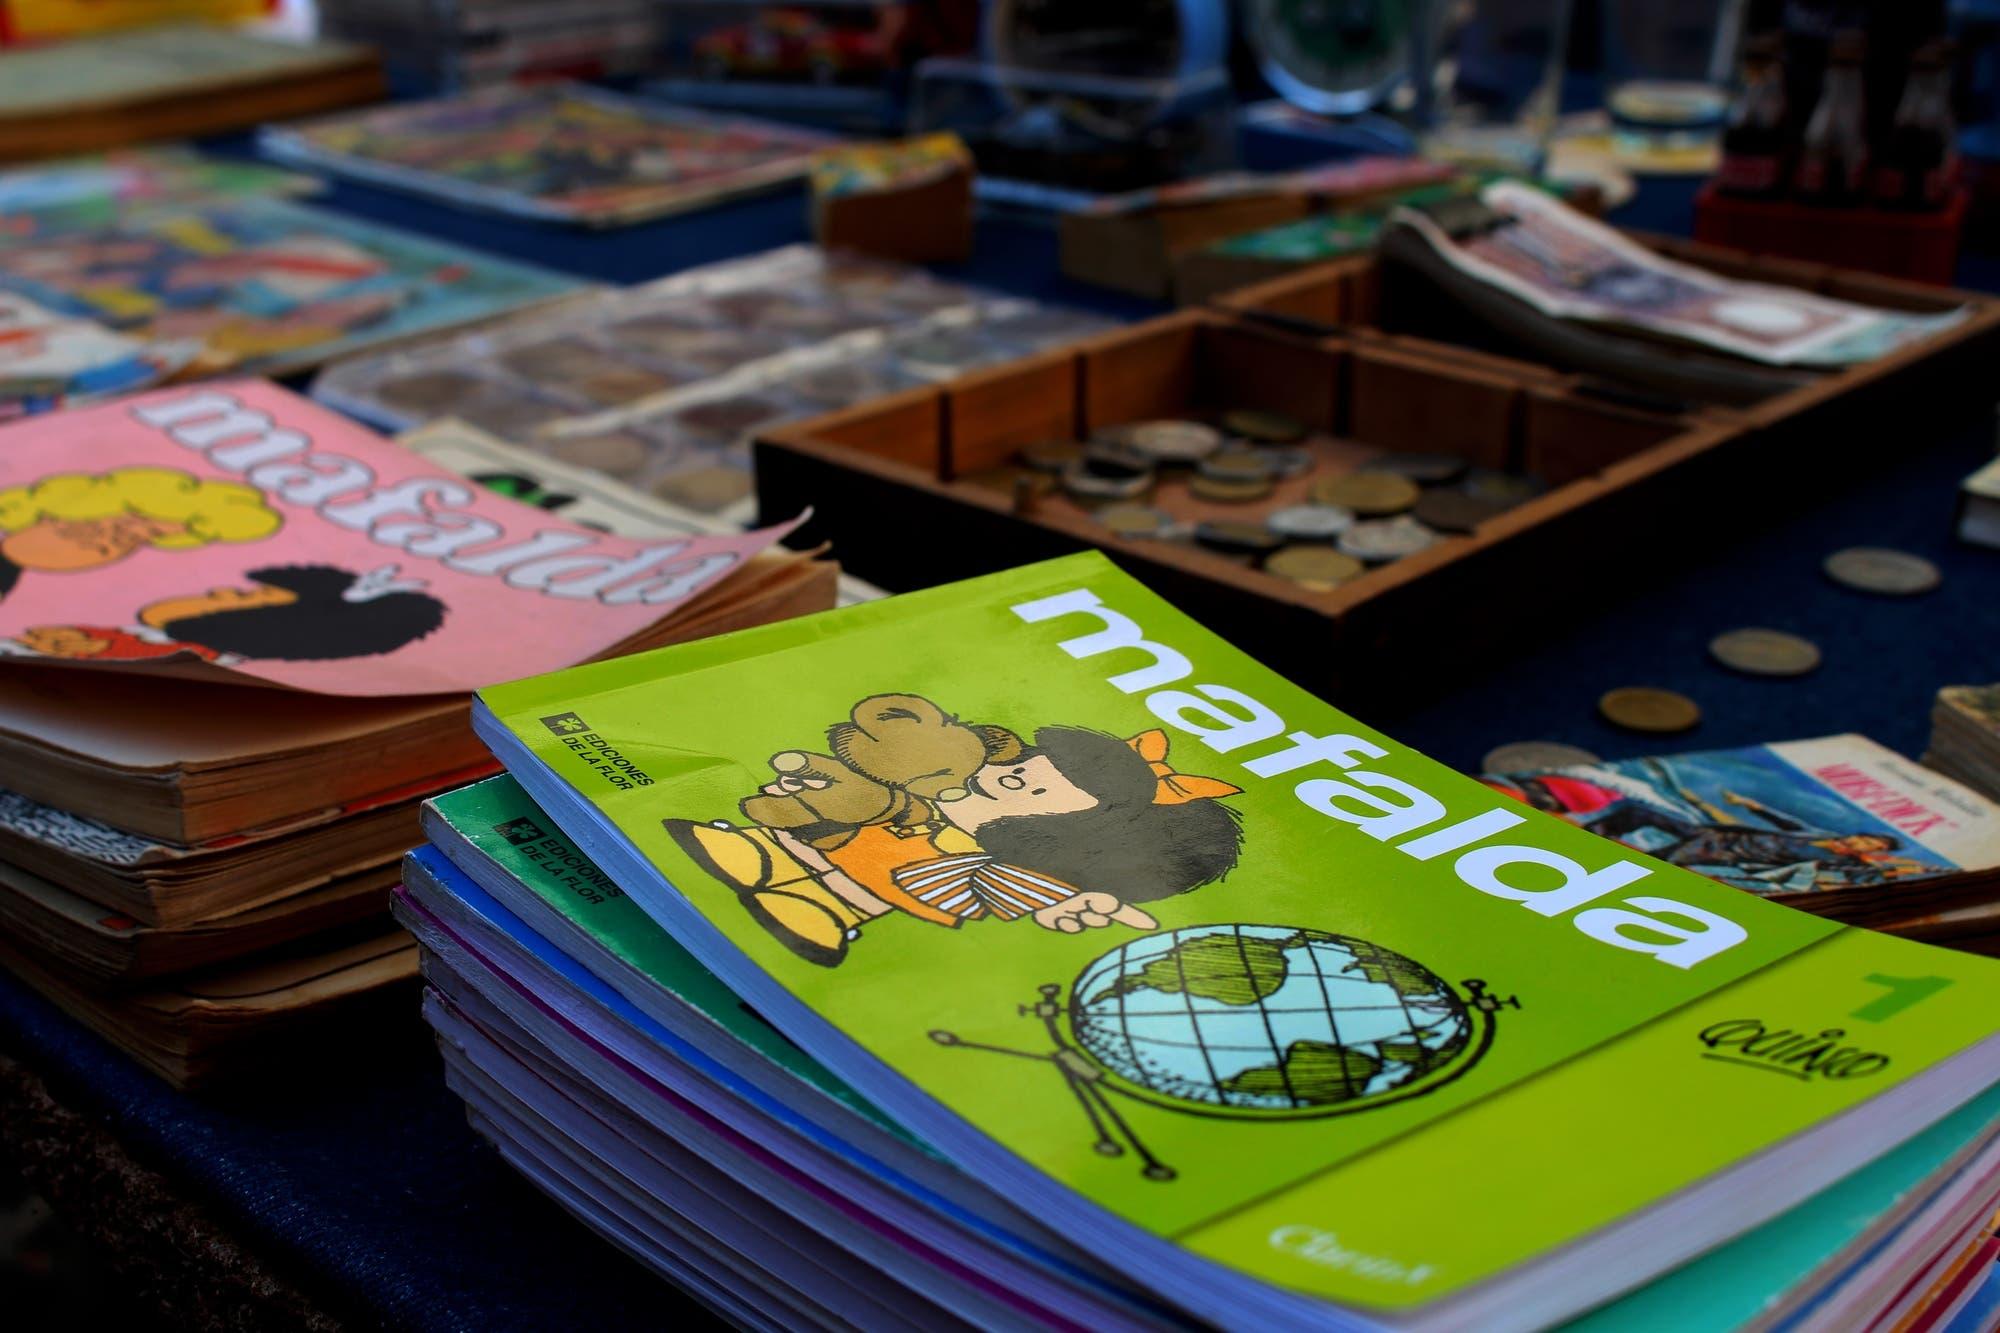 Murió Quino, el creador de Mafalda, y acaparó la atención de las redes sociales en todo el mundo